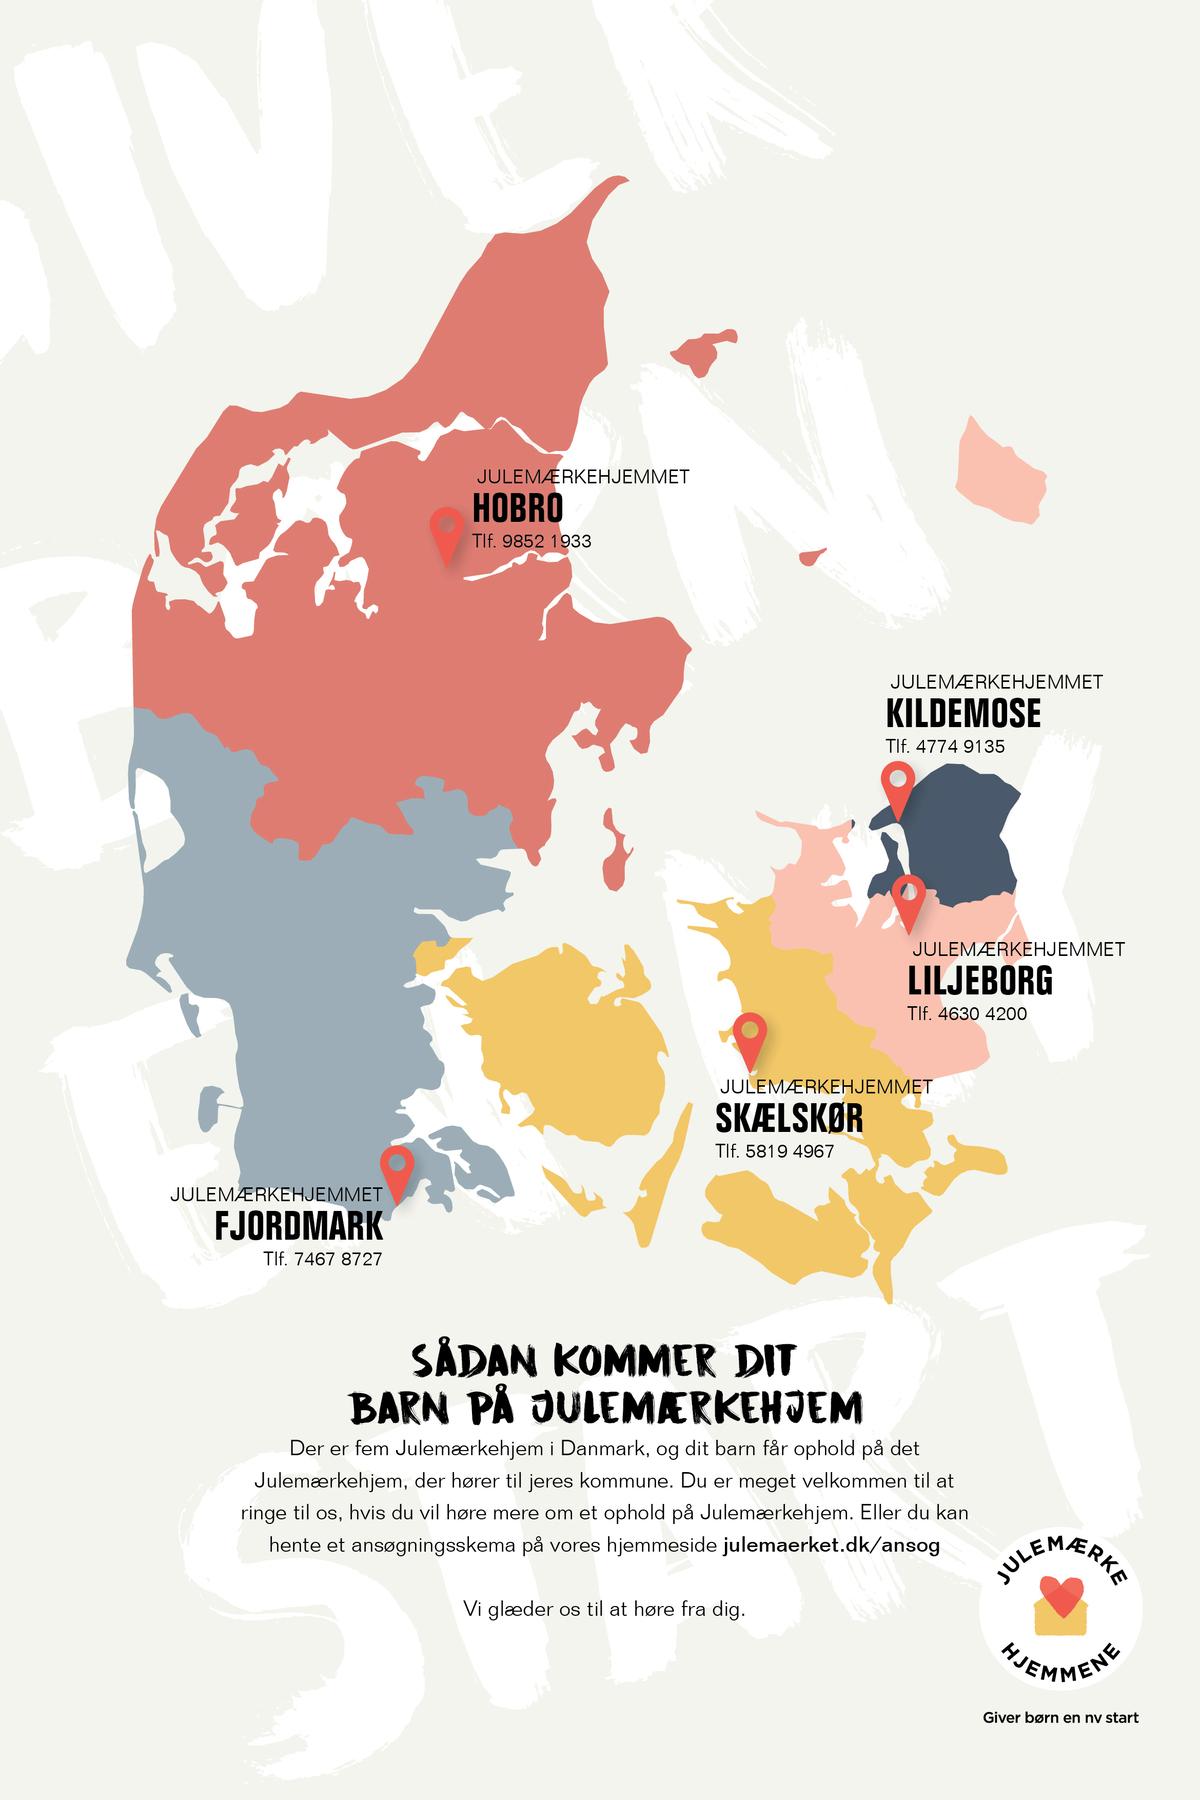 Kommunekort - Hvilket Julemærkehjem hører din kommune til?